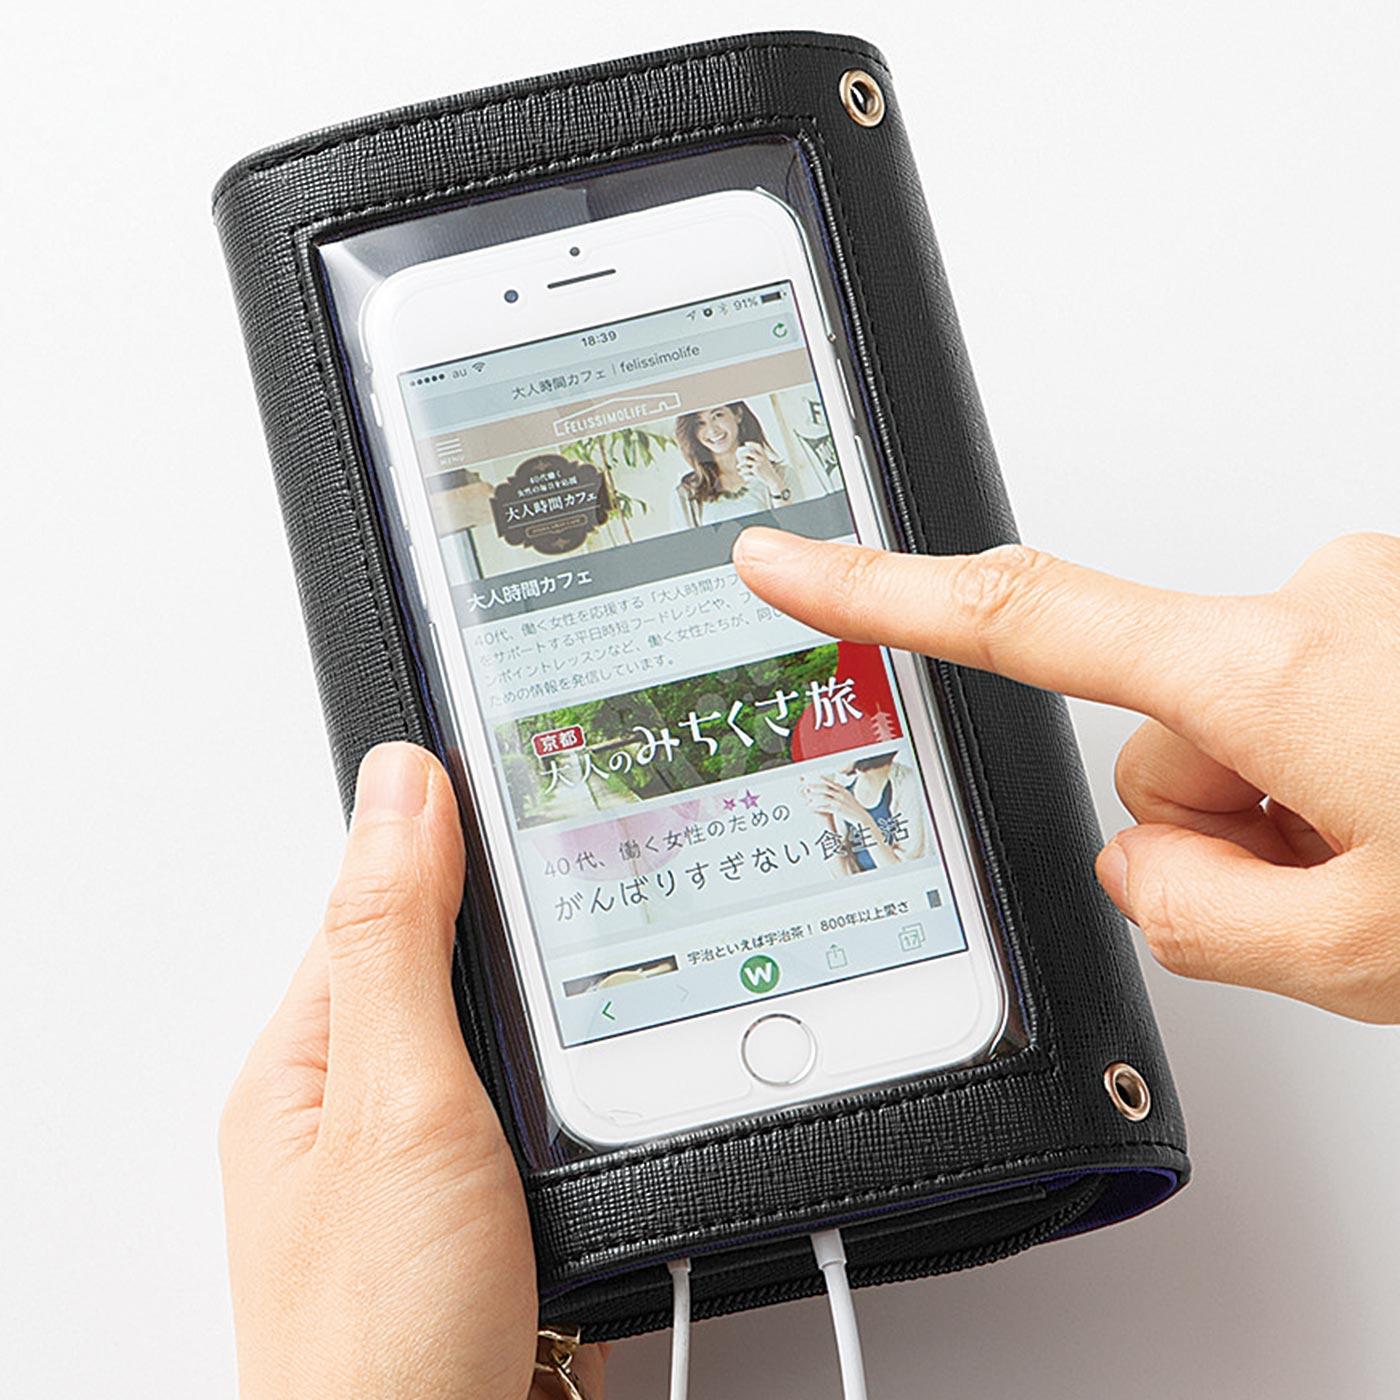 スマートフォンを入れたまま操作できます。